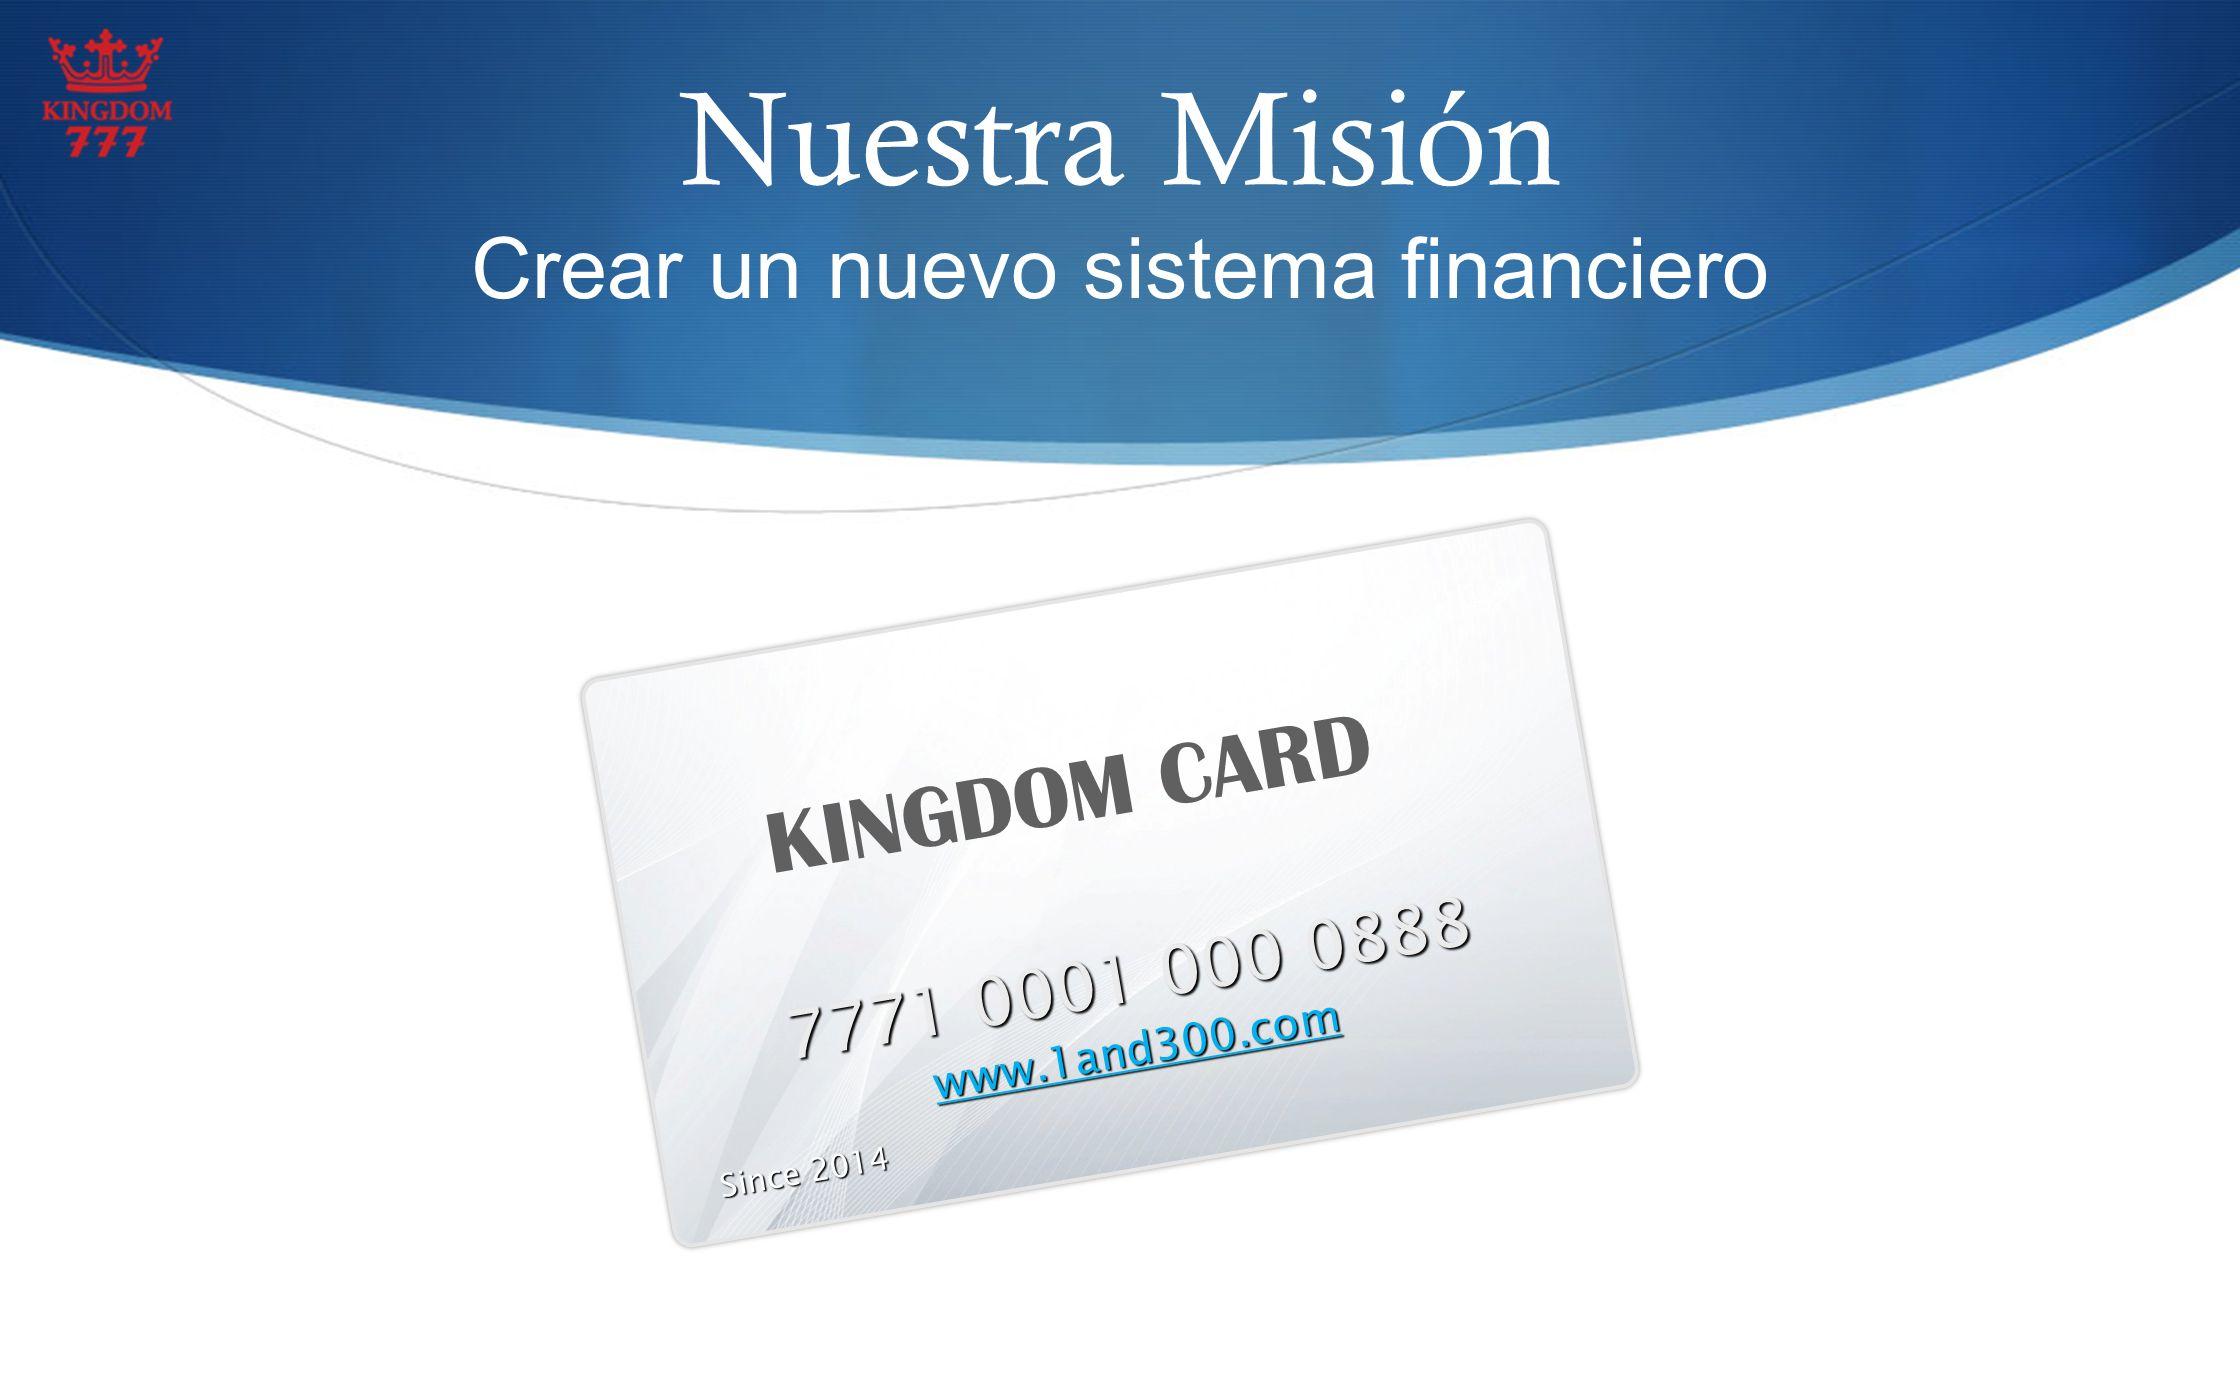 Nuestra Misión Crear un nuevo sistema financiero KINGDOM CARD 7771 0001 000 0888 www.1and300.com Since 2014